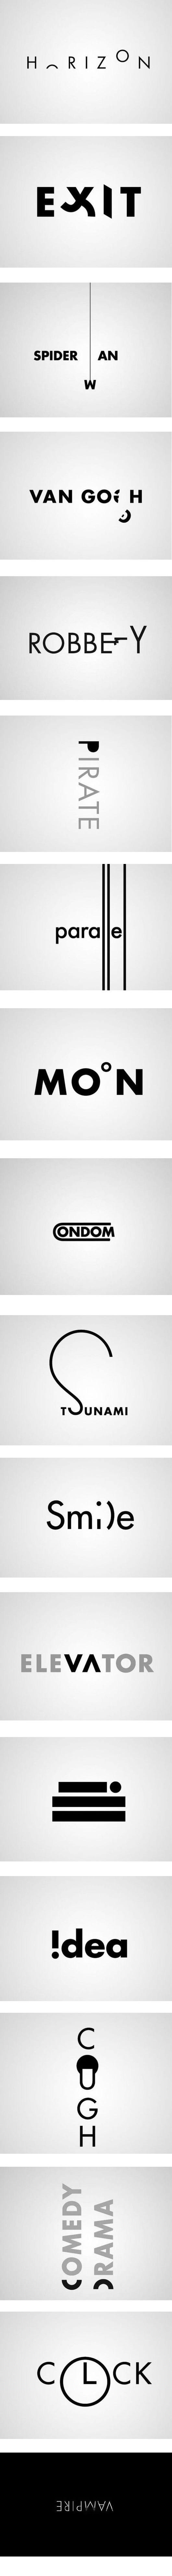 Varios ejemplos de inteligente arte tipográfico